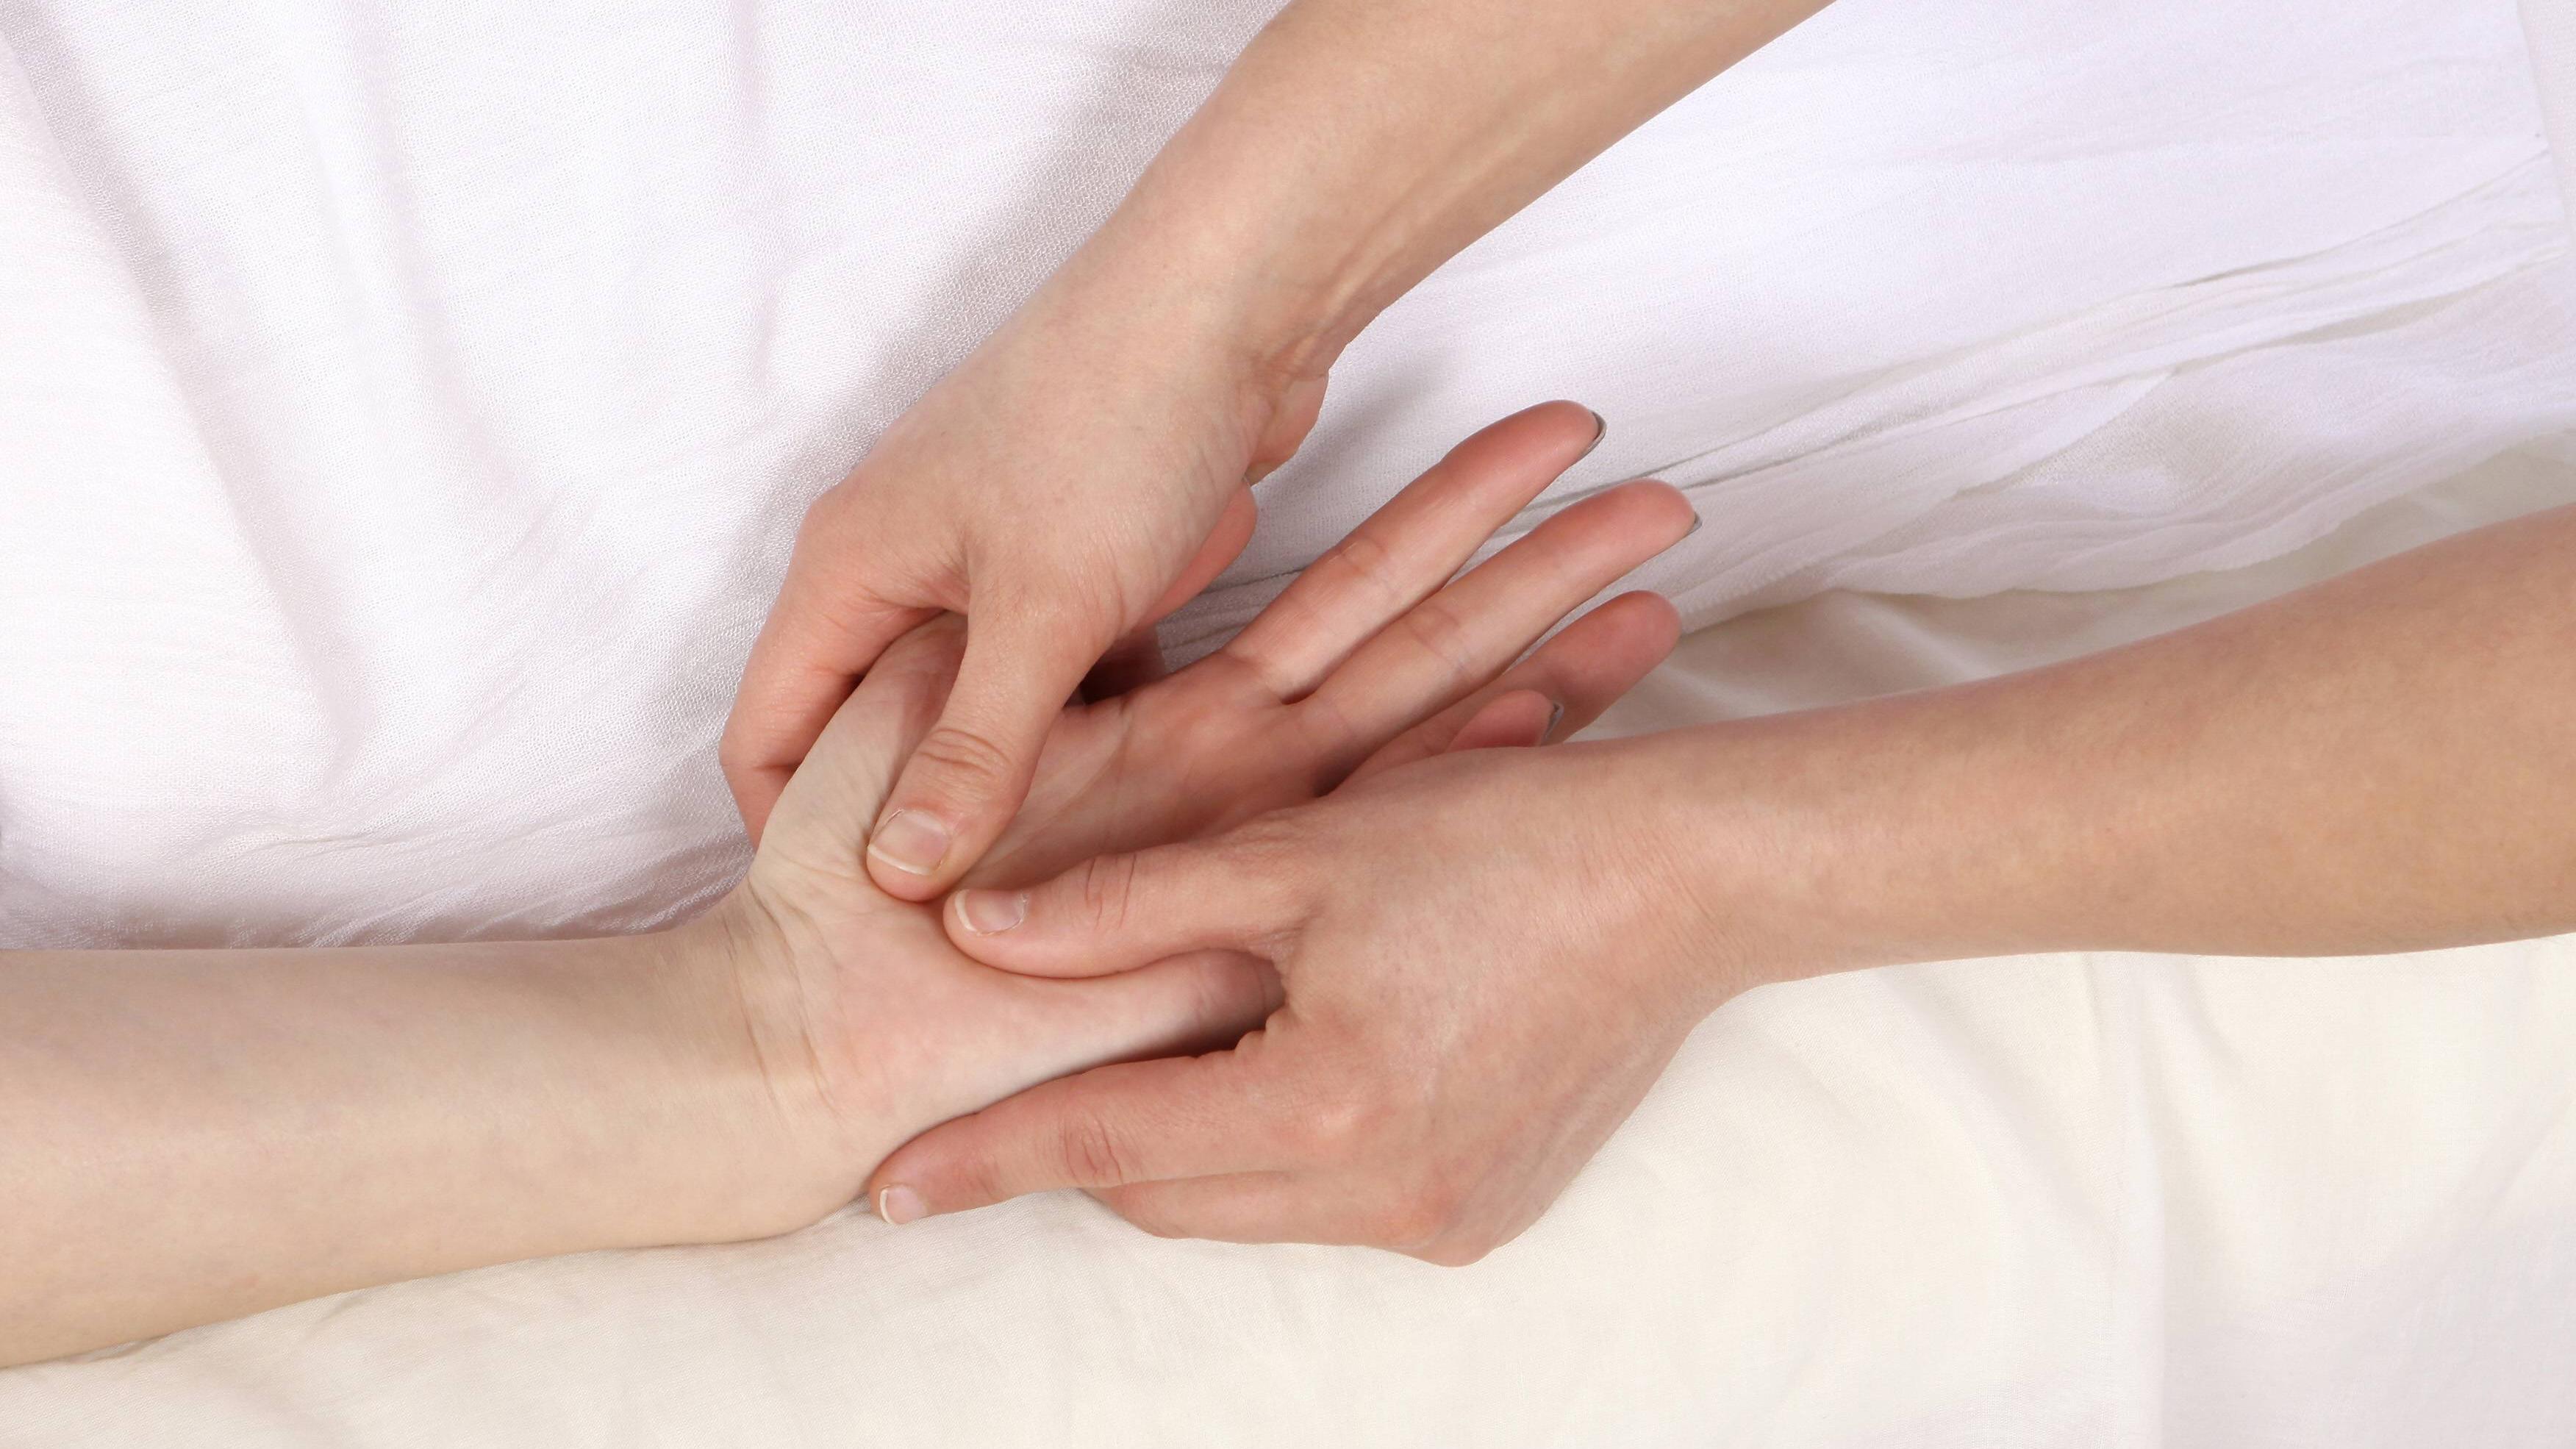 Ein Ganglion sollten Sie nicht selbst massieren - der Arzt entscheidet, ob das nötig ist und führt die Massage dann durch